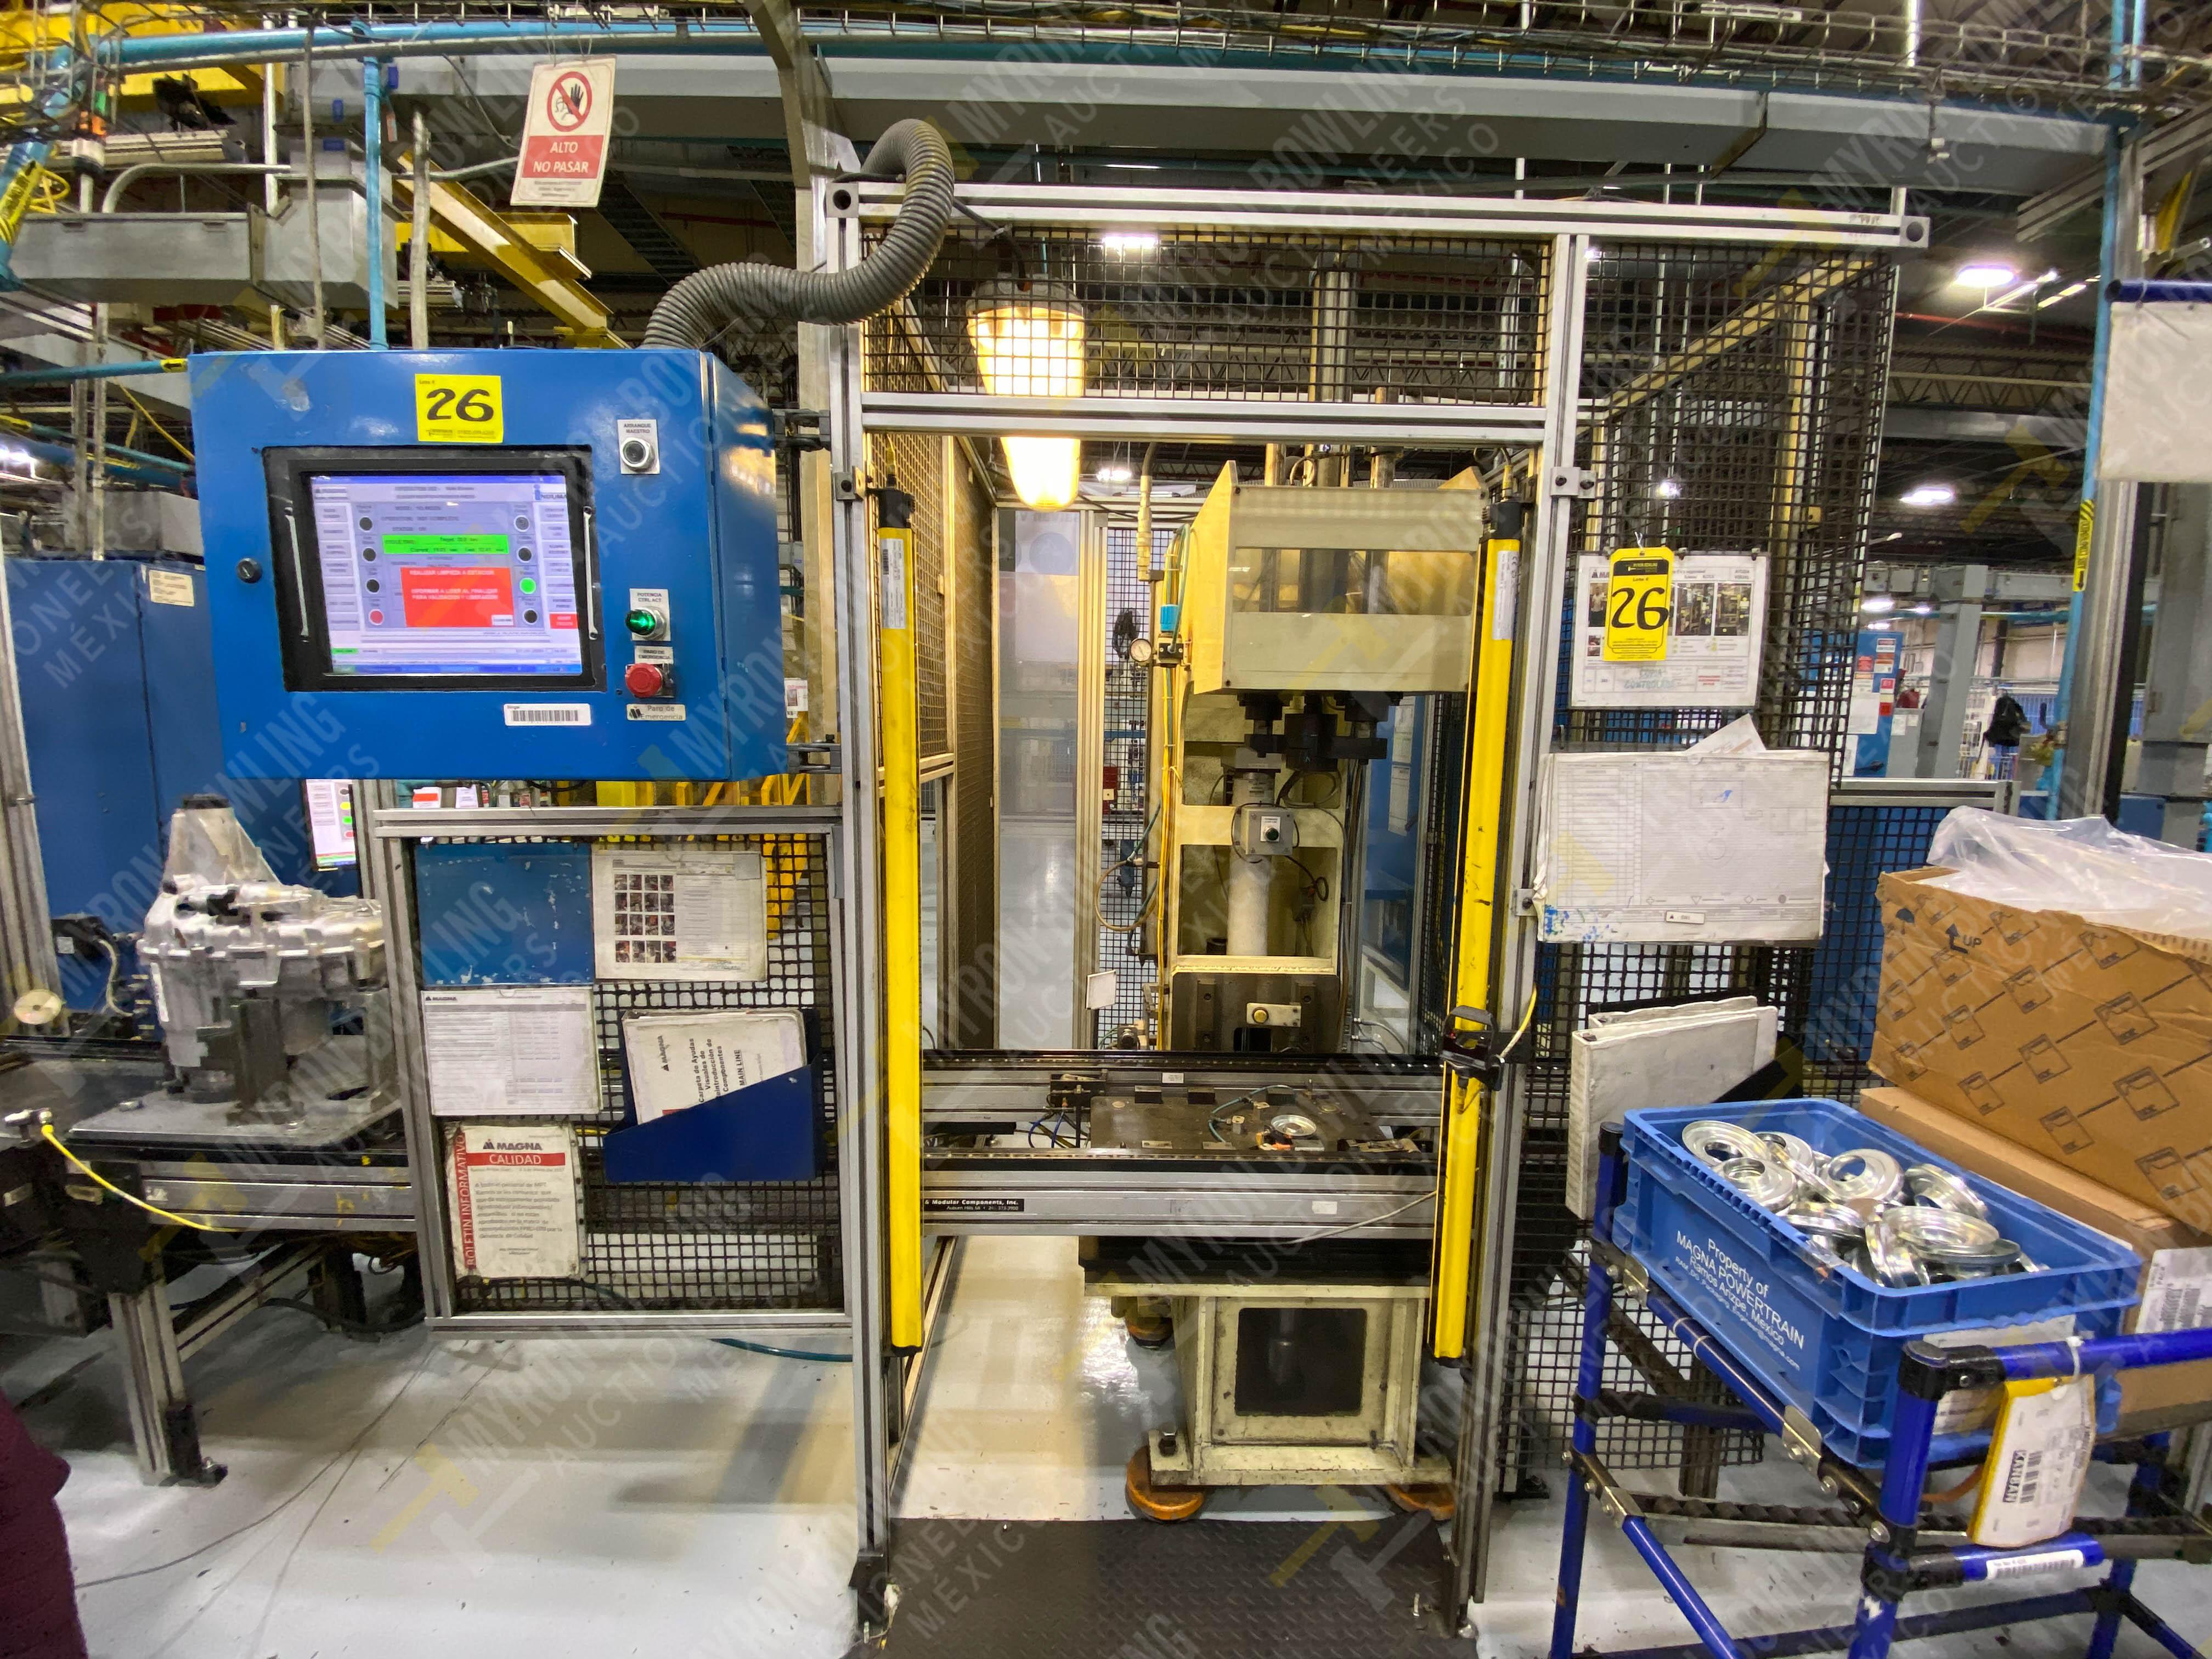 Estación manual para operación 383, contiene: Prensa marca PROMESS en estructura de placa de acero - Image 3 of 27